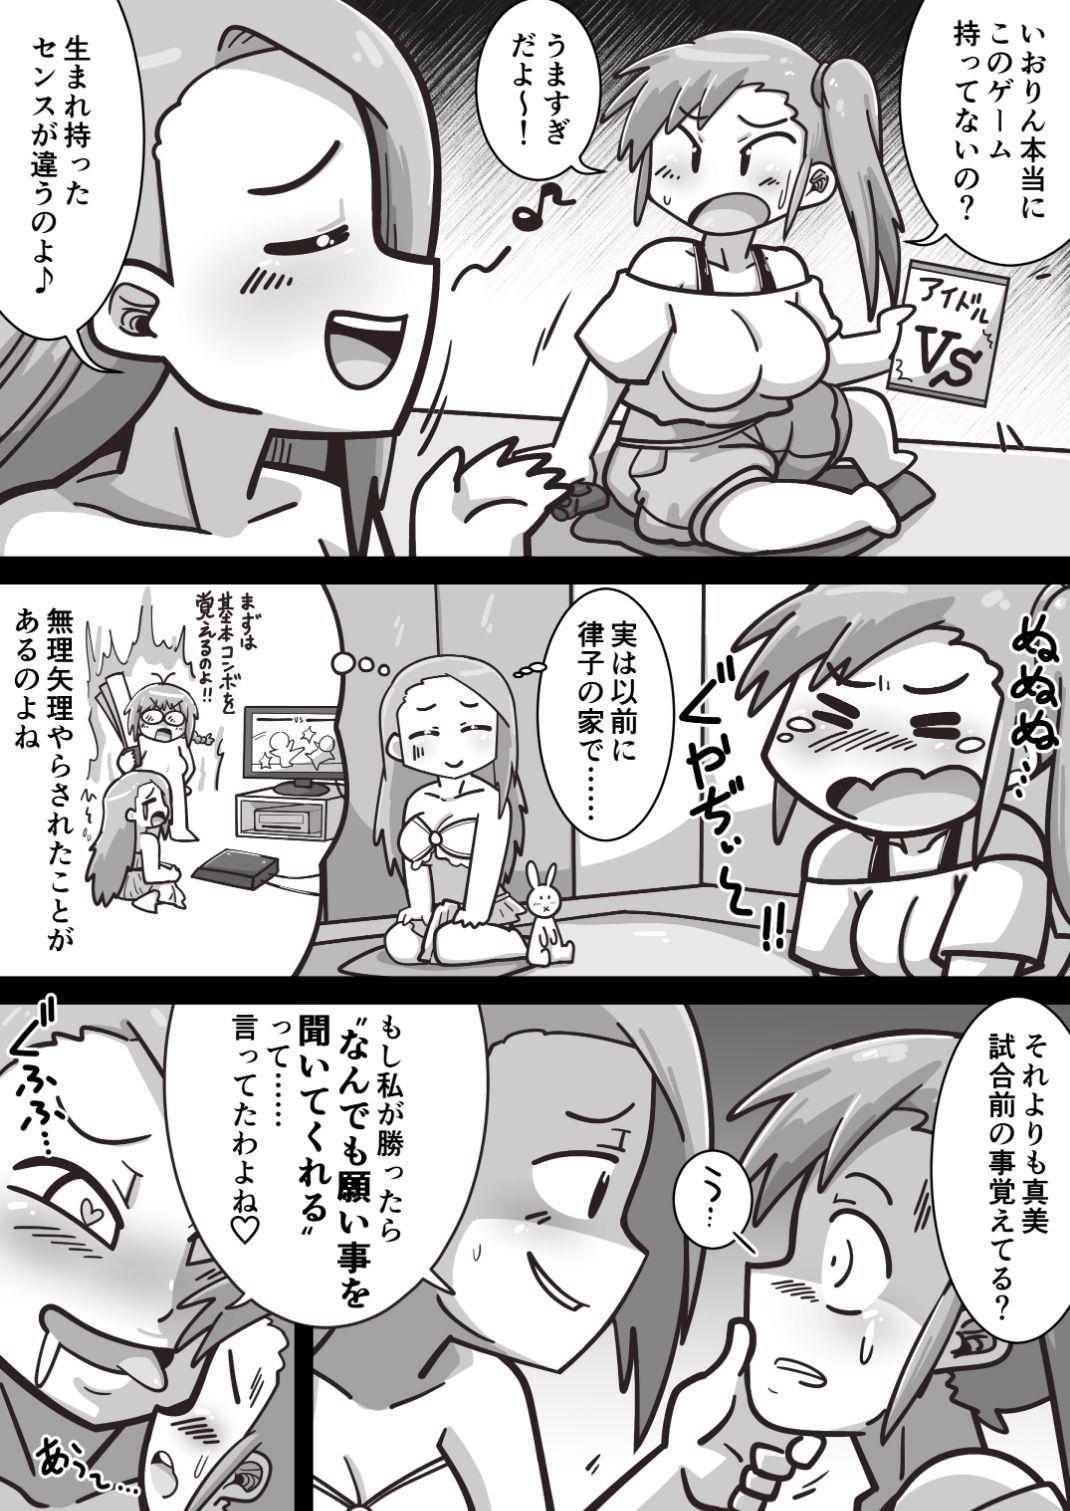 Futanari Iorin ga Mami no Oppai o Tannou suru Manga 2